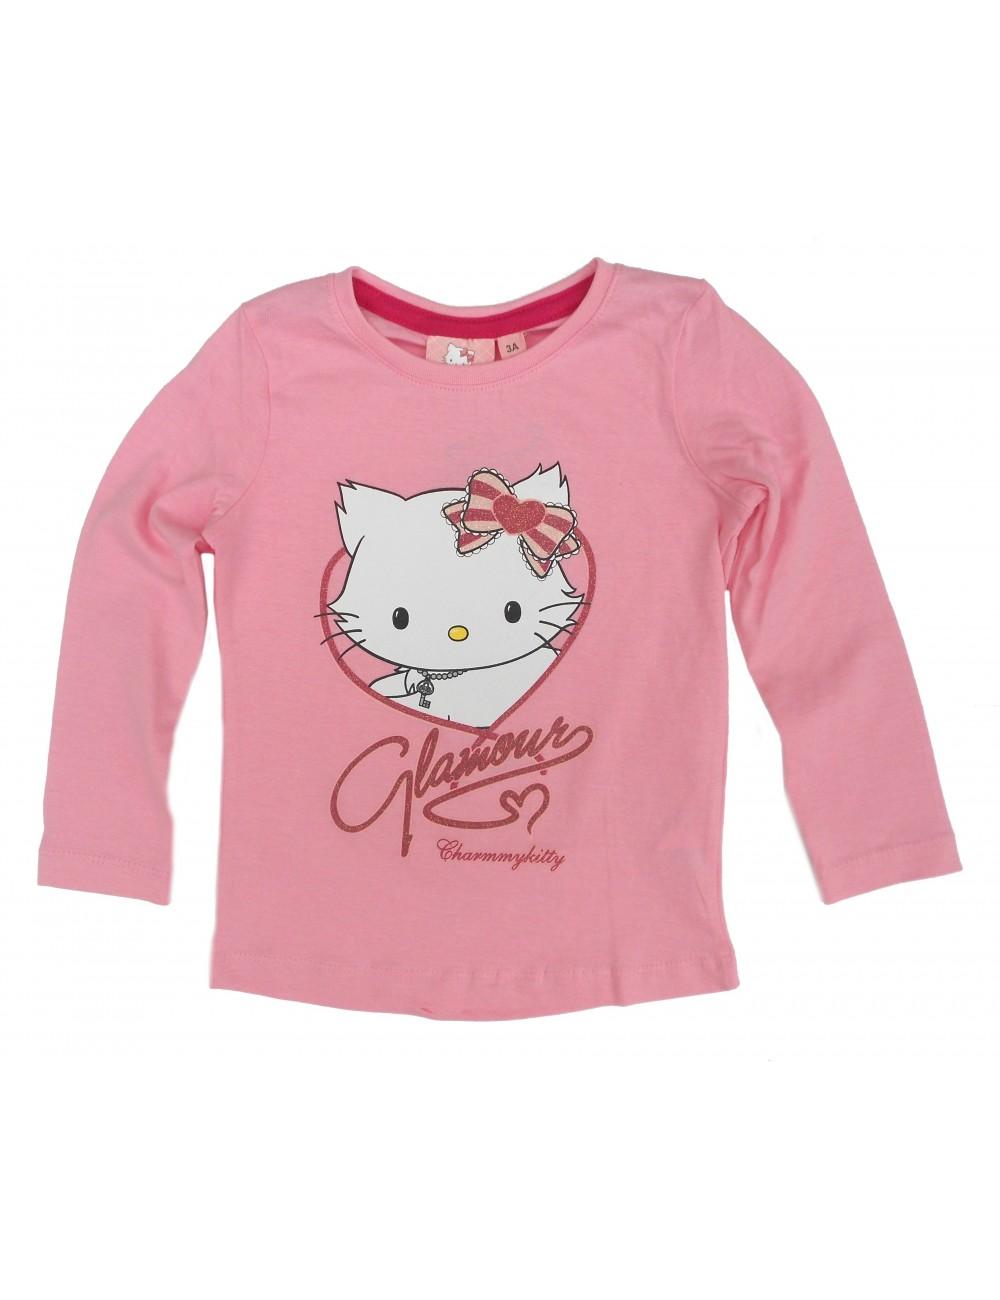 Bluza Charmmy Kitty Glamour, roz